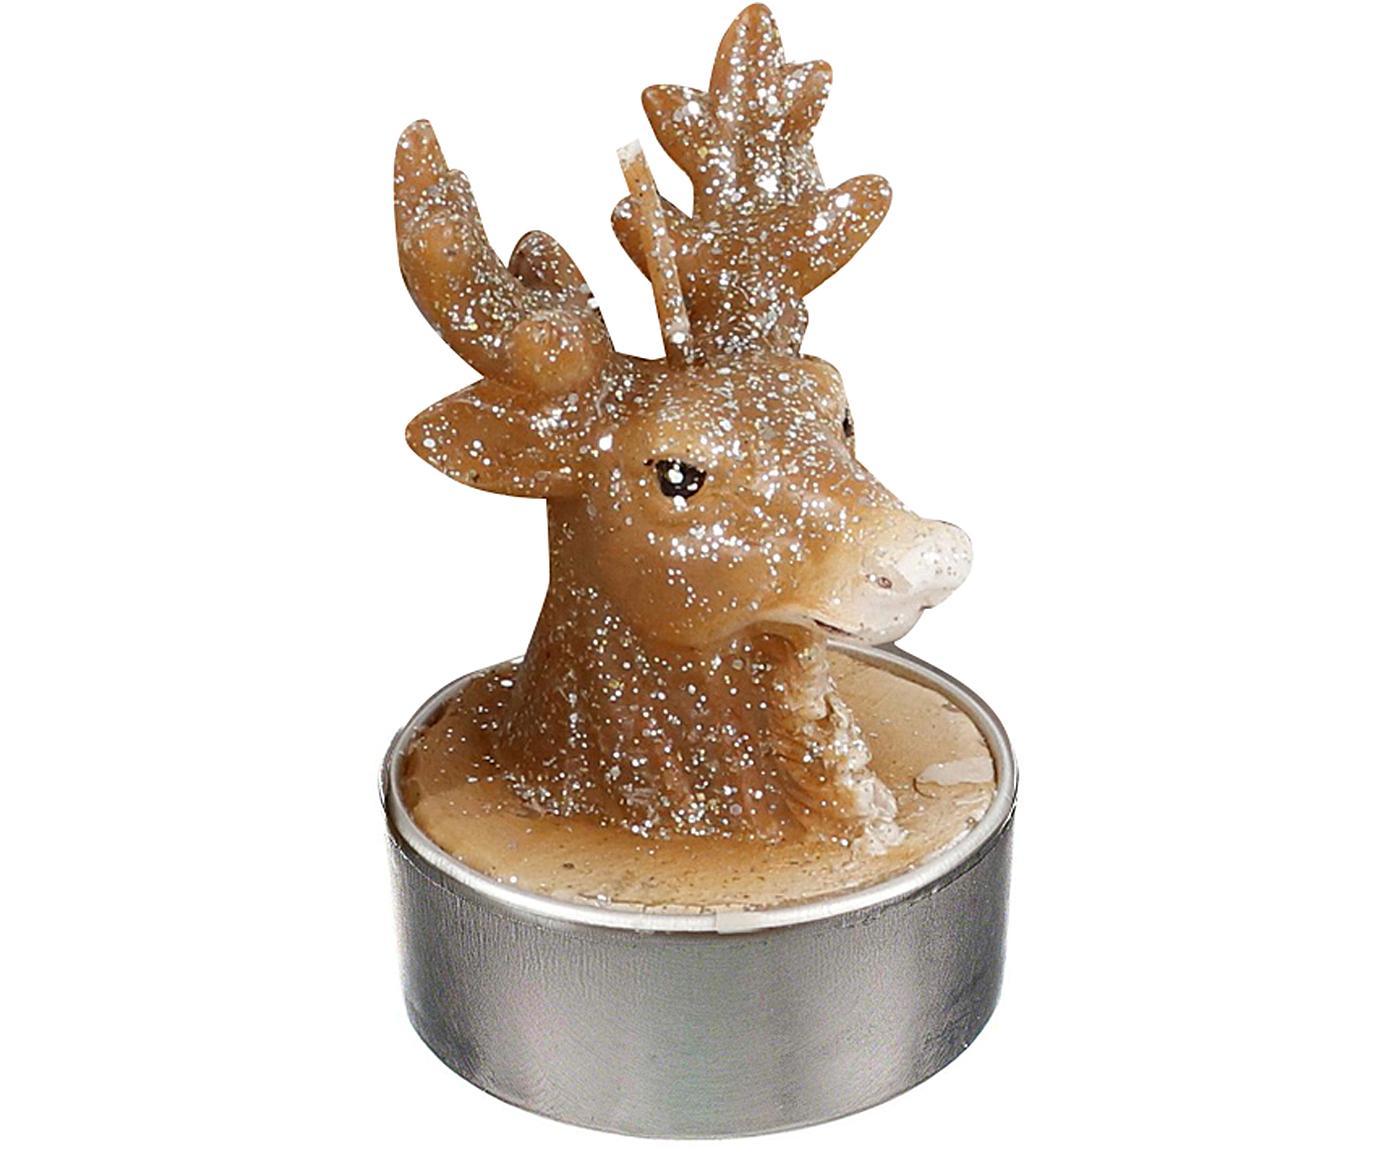 Podgrzewacz Deer, 6 szt., Wosk, Brązowy, Ø 4 x W 6 cm